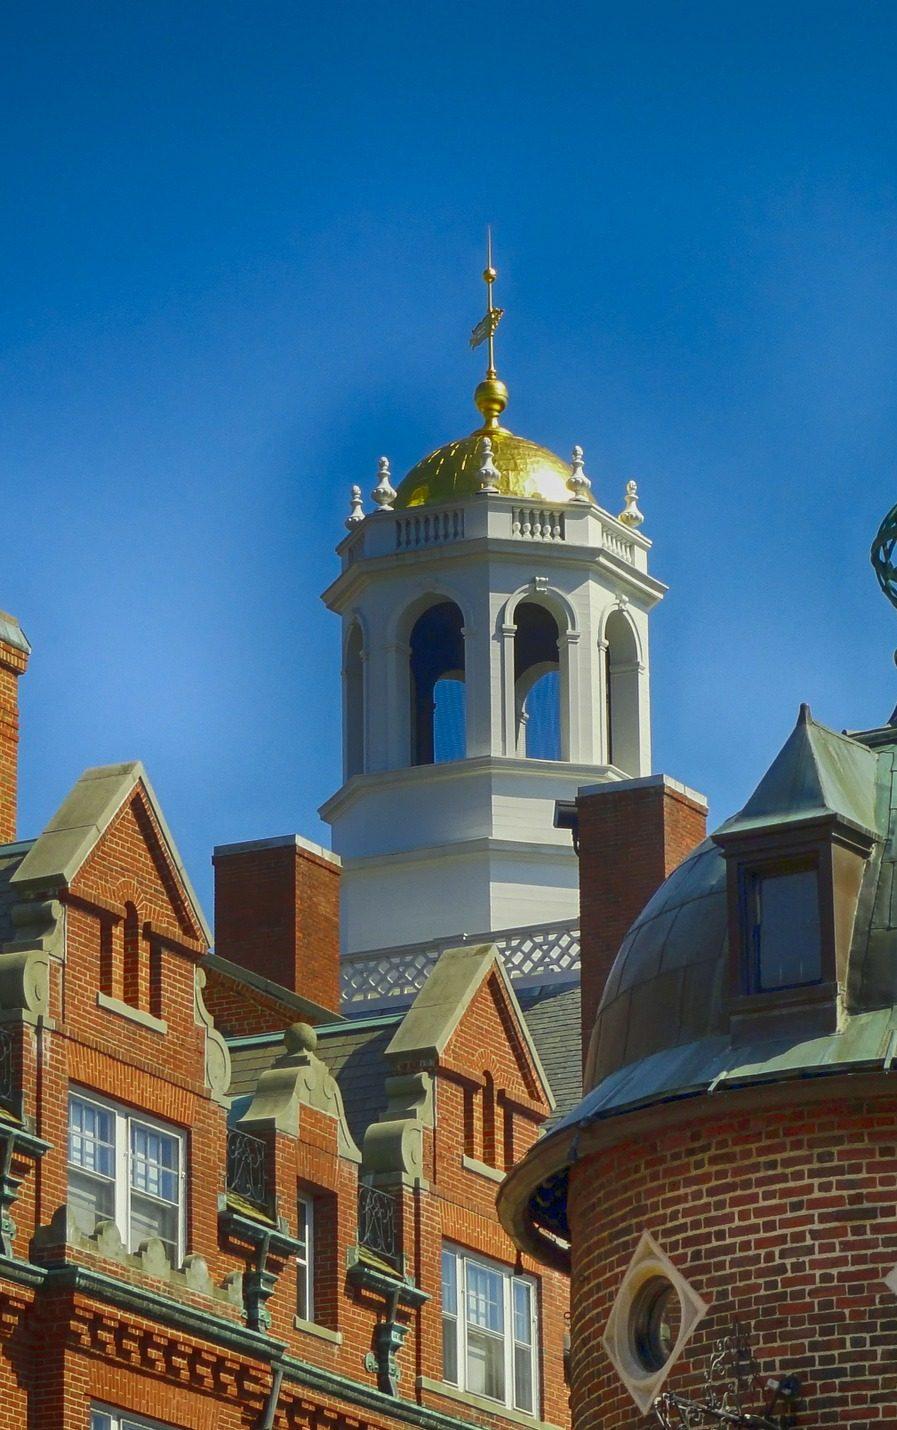 MIT, Stanford, Harvard, comment intégrer ces trois universités prestigieuses ?